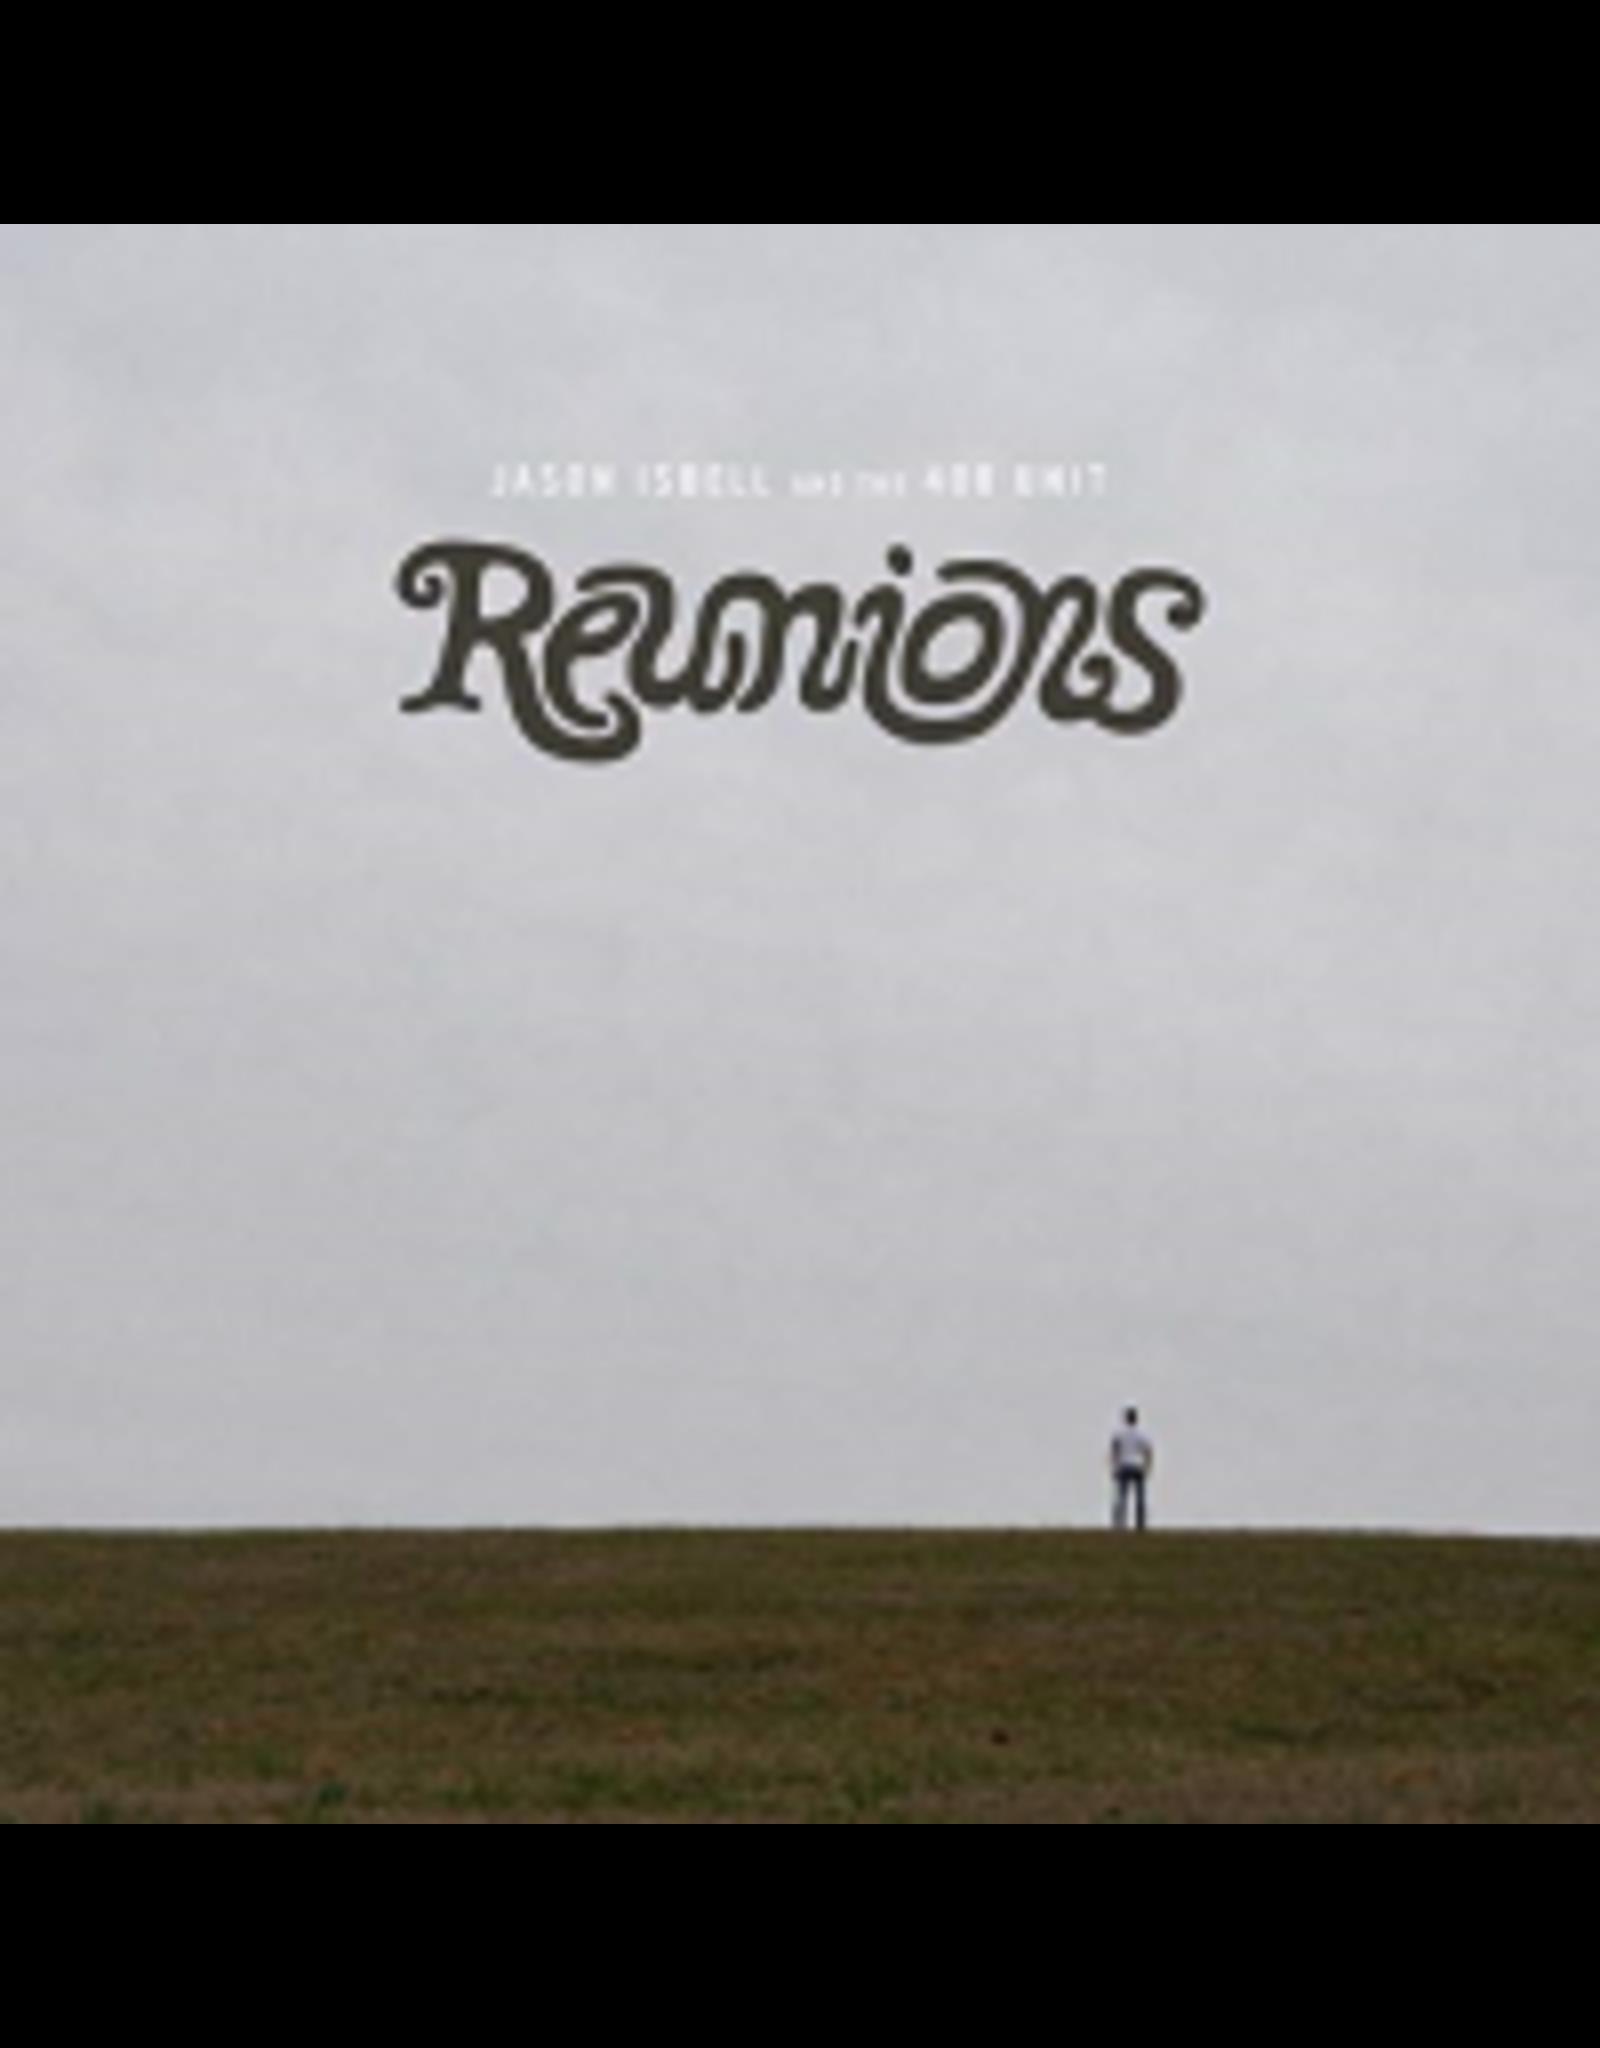 Isbell, Jason - Reunions LP